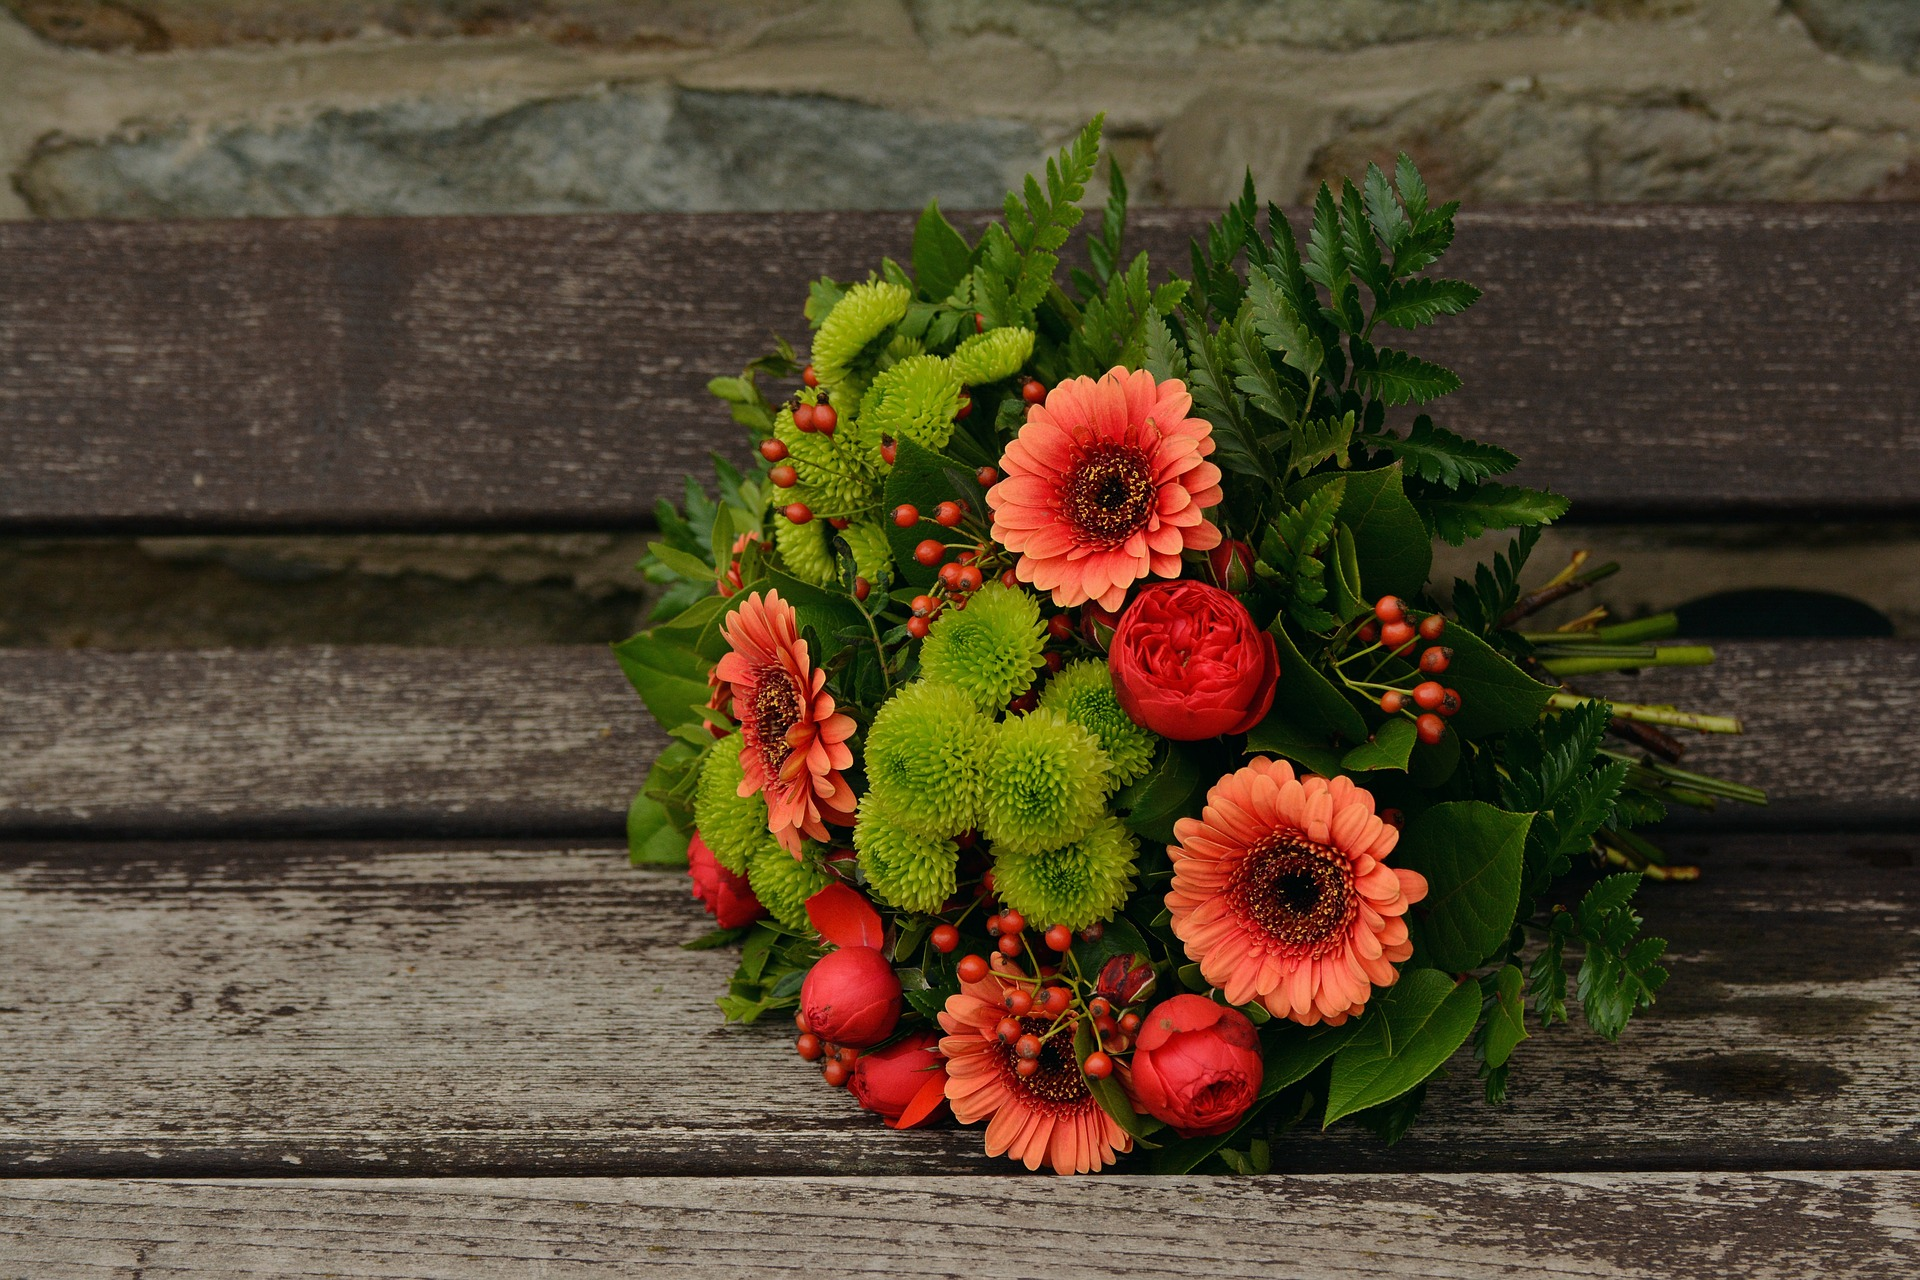 autumn-flowers-1721896_1920